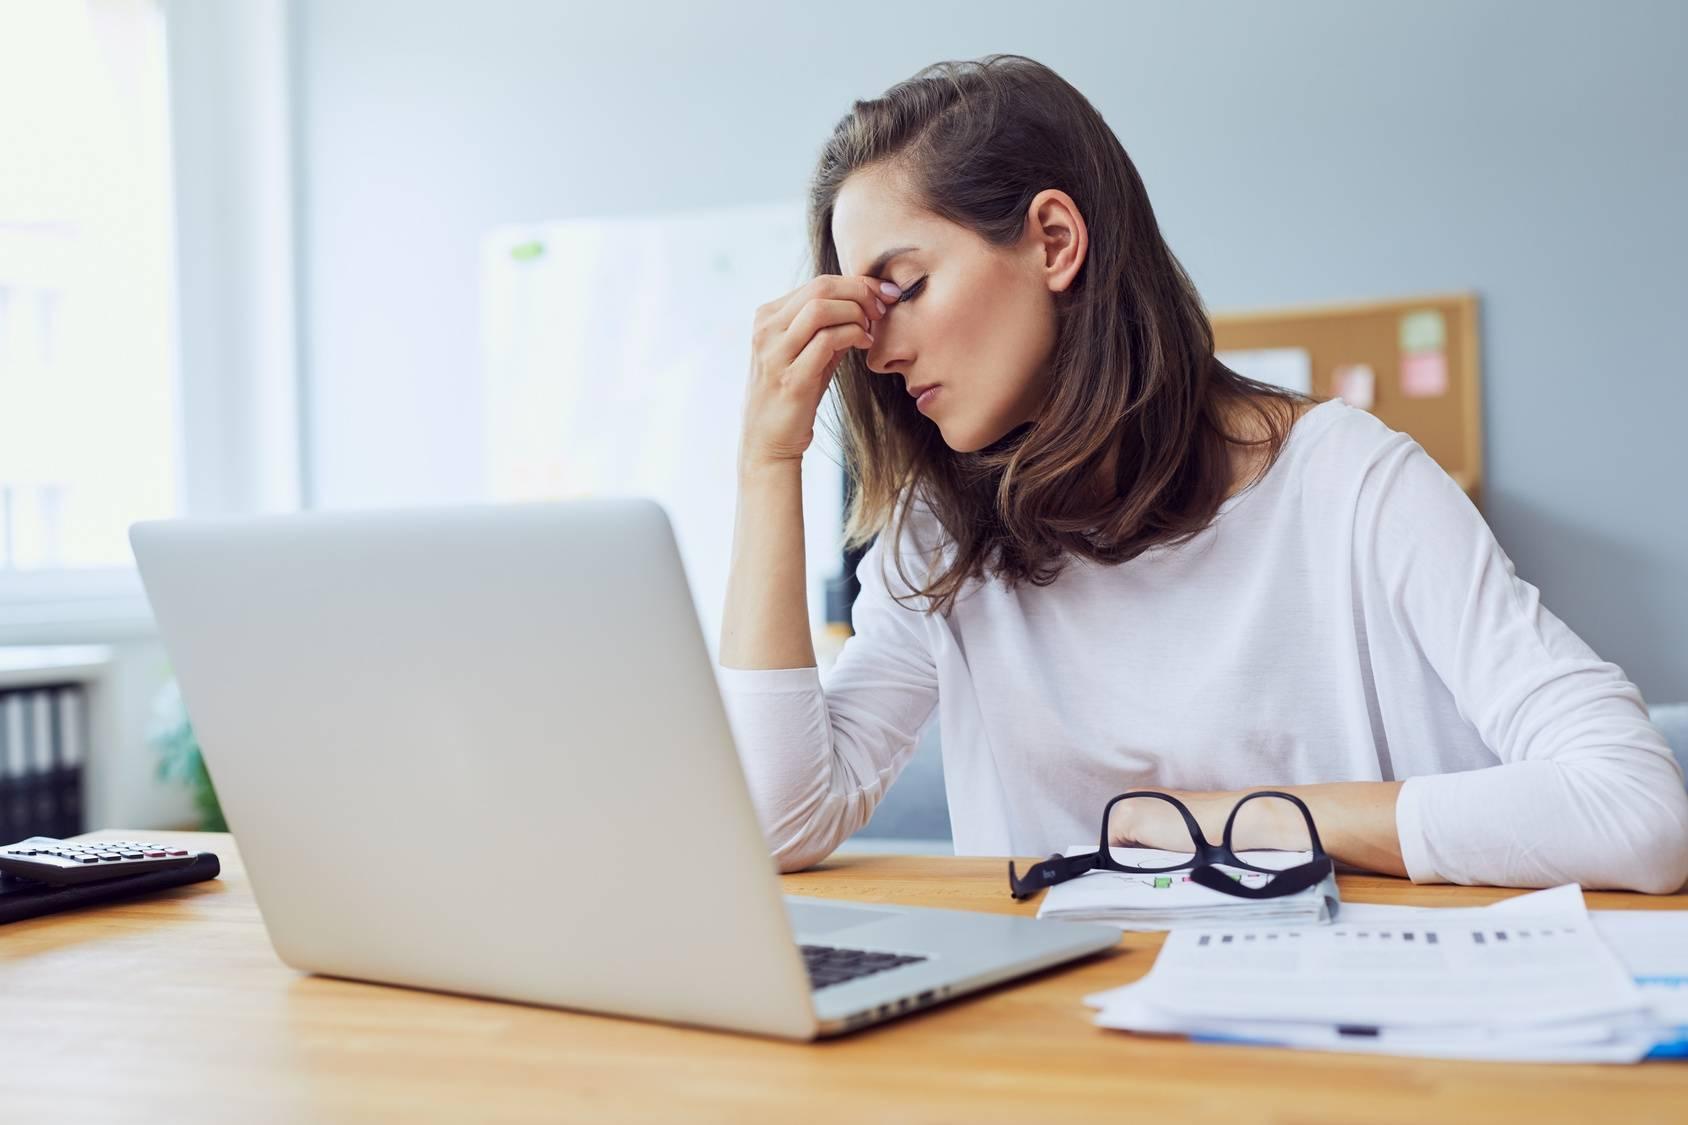 dlaczego odpowiednia ilość snu jest tak ważna dla organizmu?